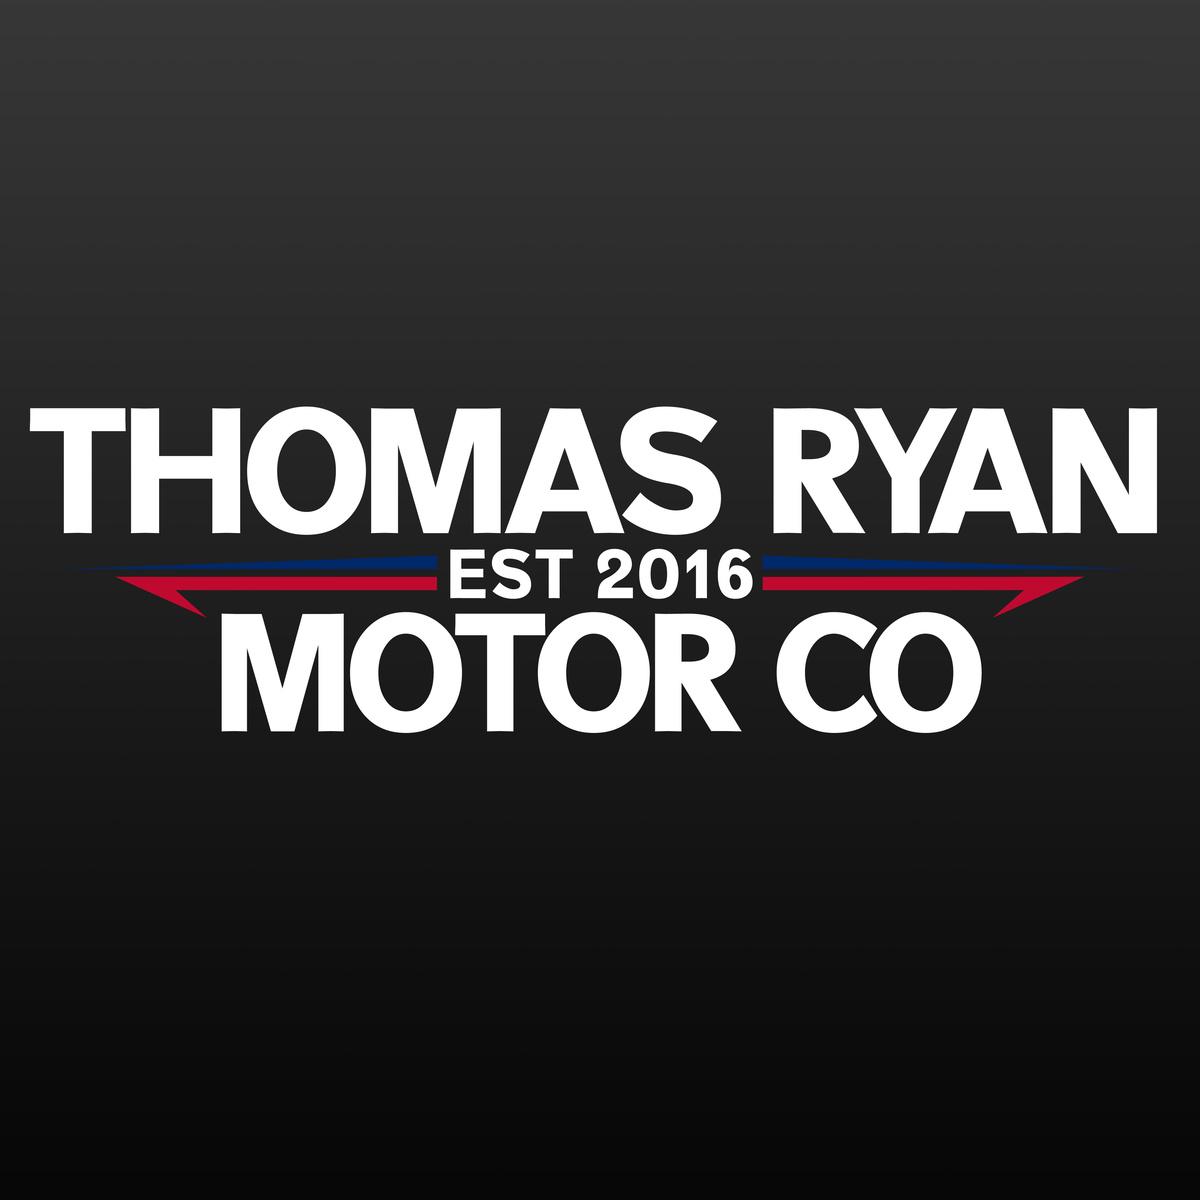 Thomas ryan motor company temple tx lee evaluaciones for Richard karr motors waco texas